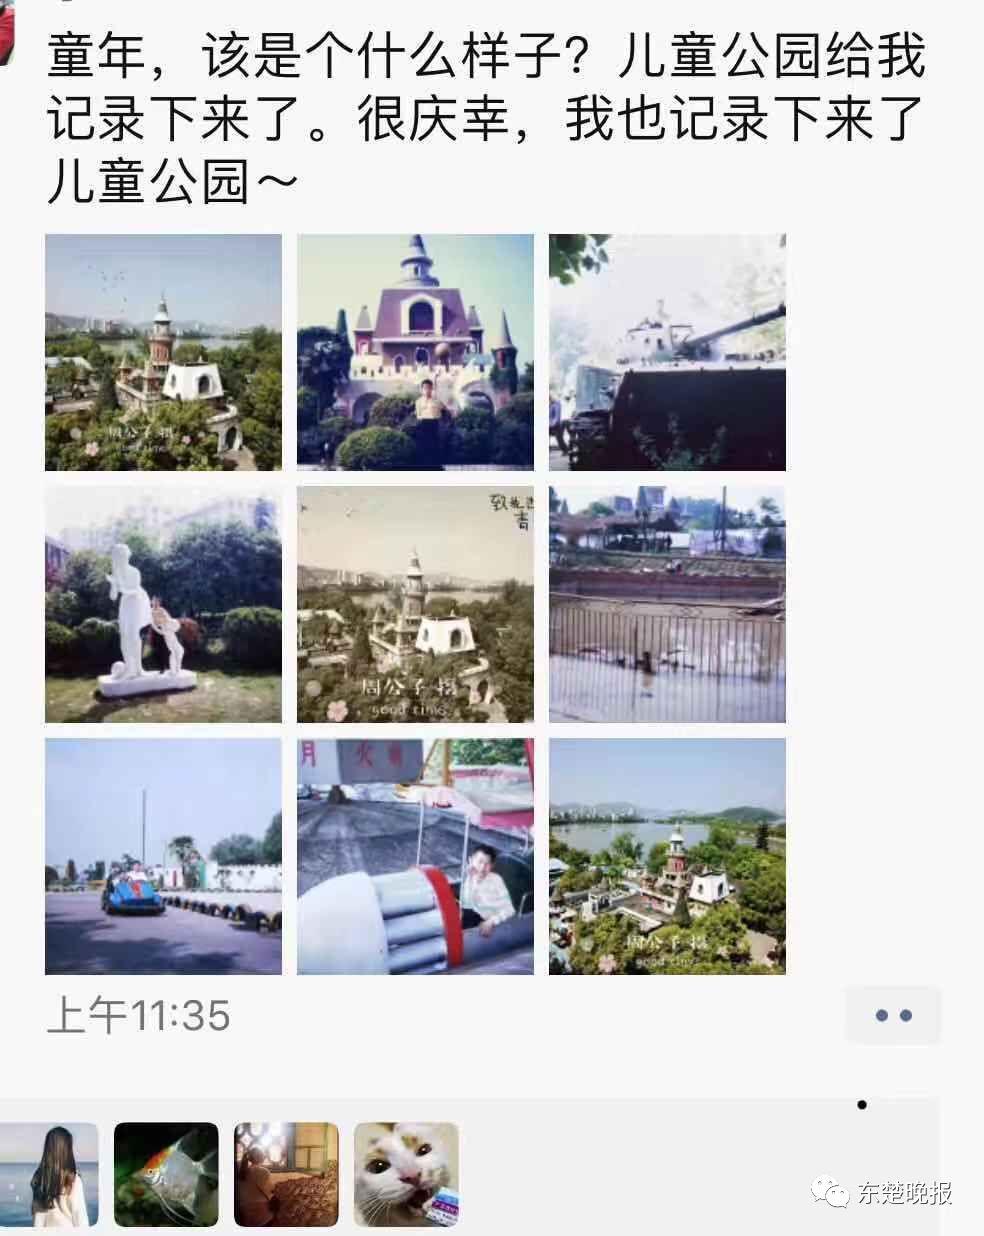 儿童公园重建!预计春节前开放,这波照片美炸了~